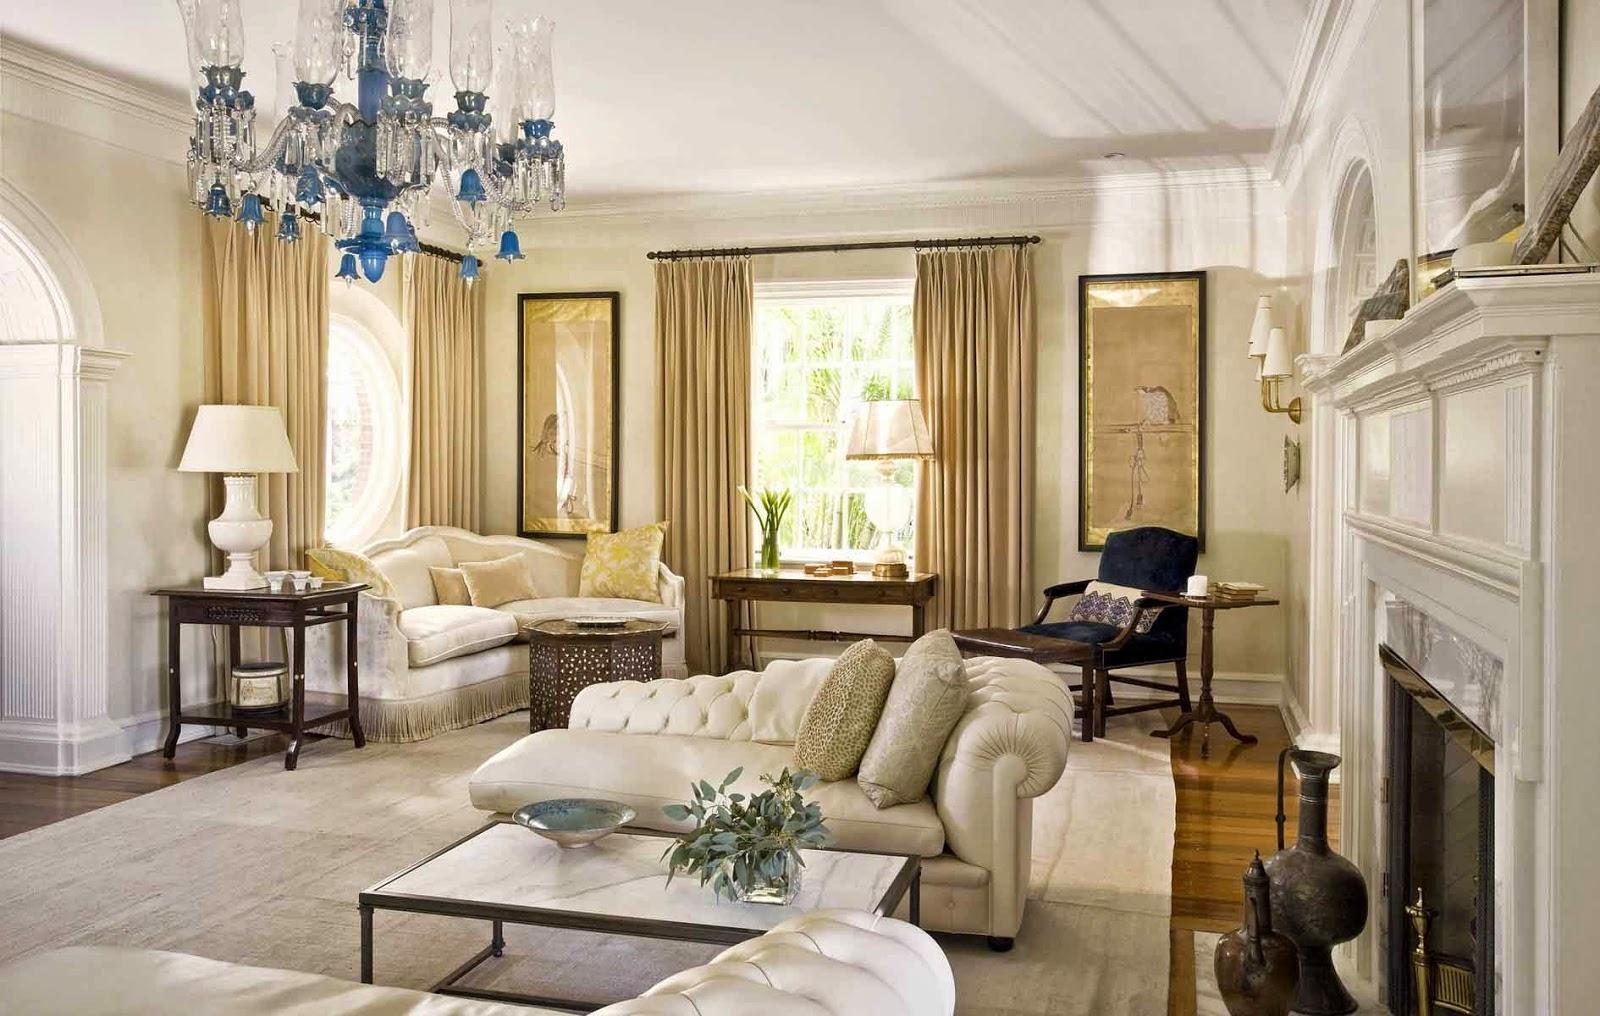 Gorden Dengan Warna Yang Intens Akan Memberikan Kesan Mewah Pada Interior Rumah Anda Luas Bahan Lebih Tebal Corak